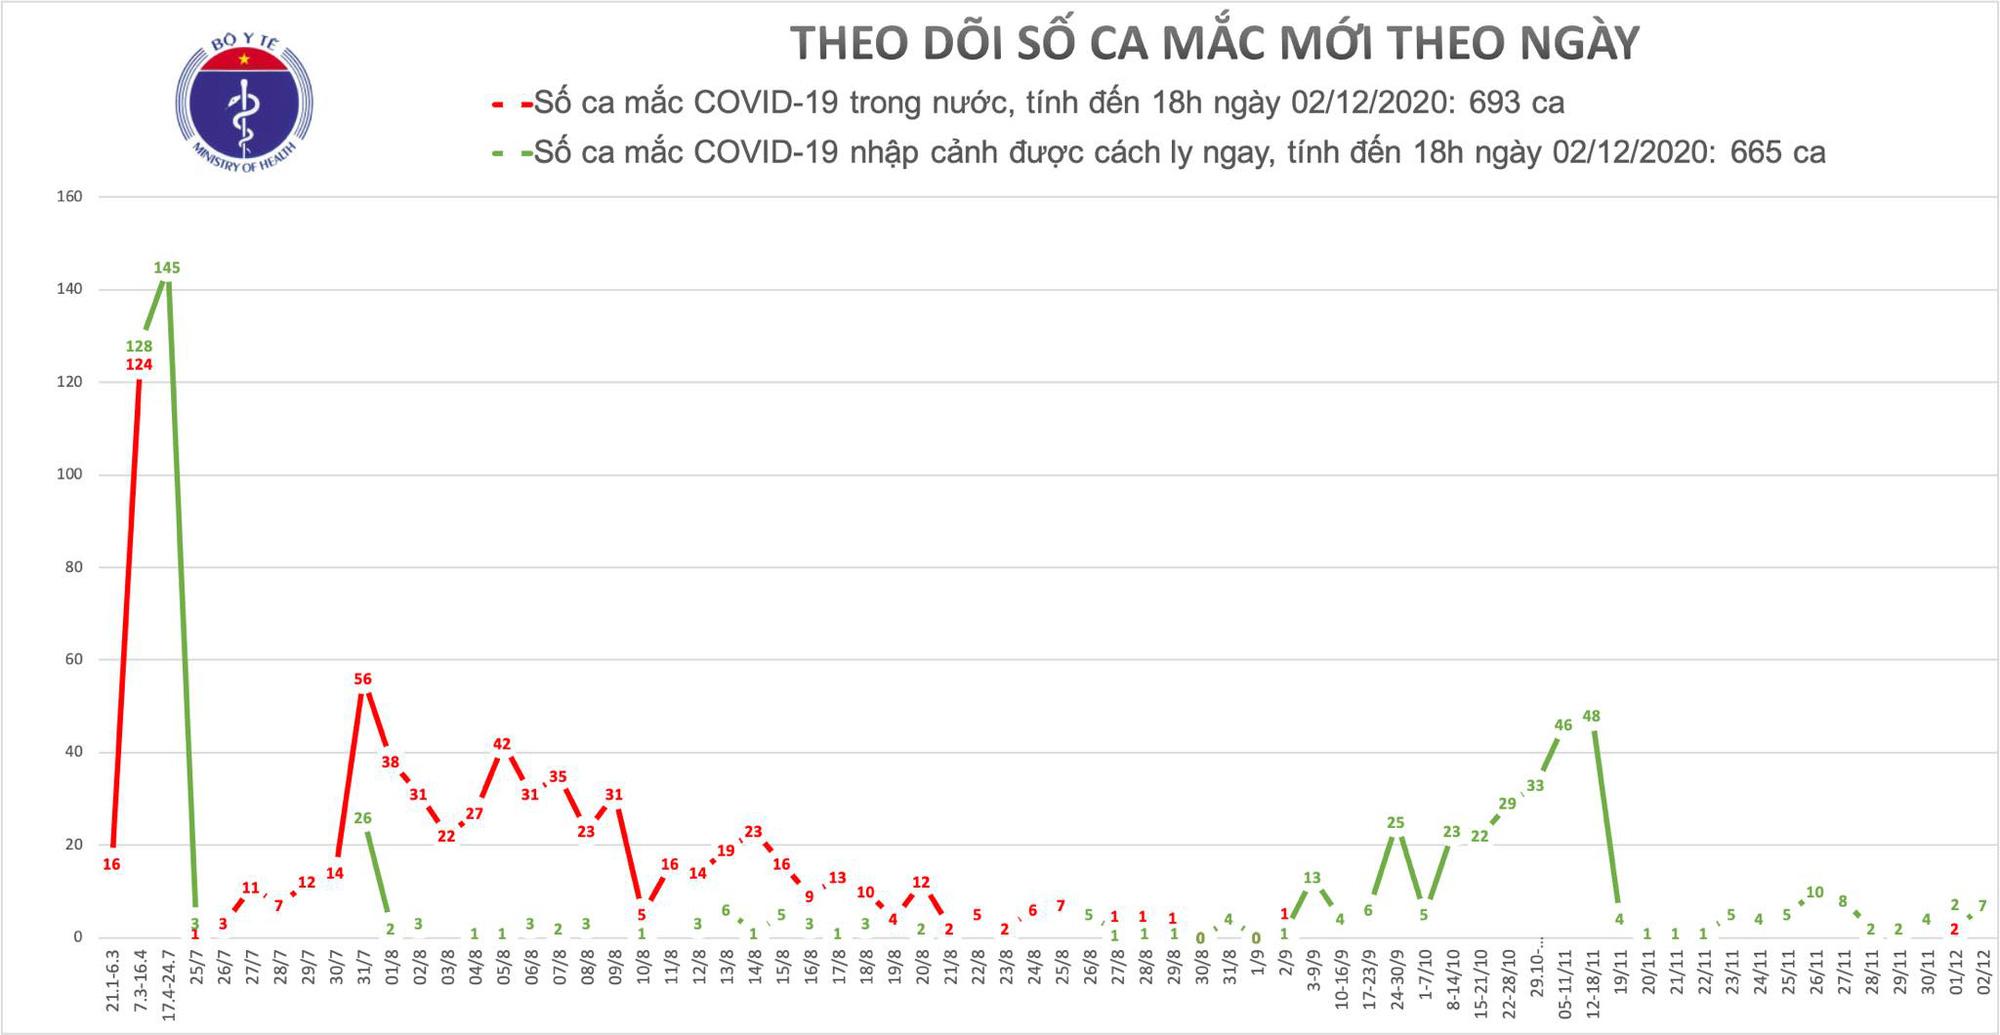 Thêm 7 ca Covid-19 là người nhập cảnh, TP HCM chưa phát hiện ca mắc mới - Ảnh 3.